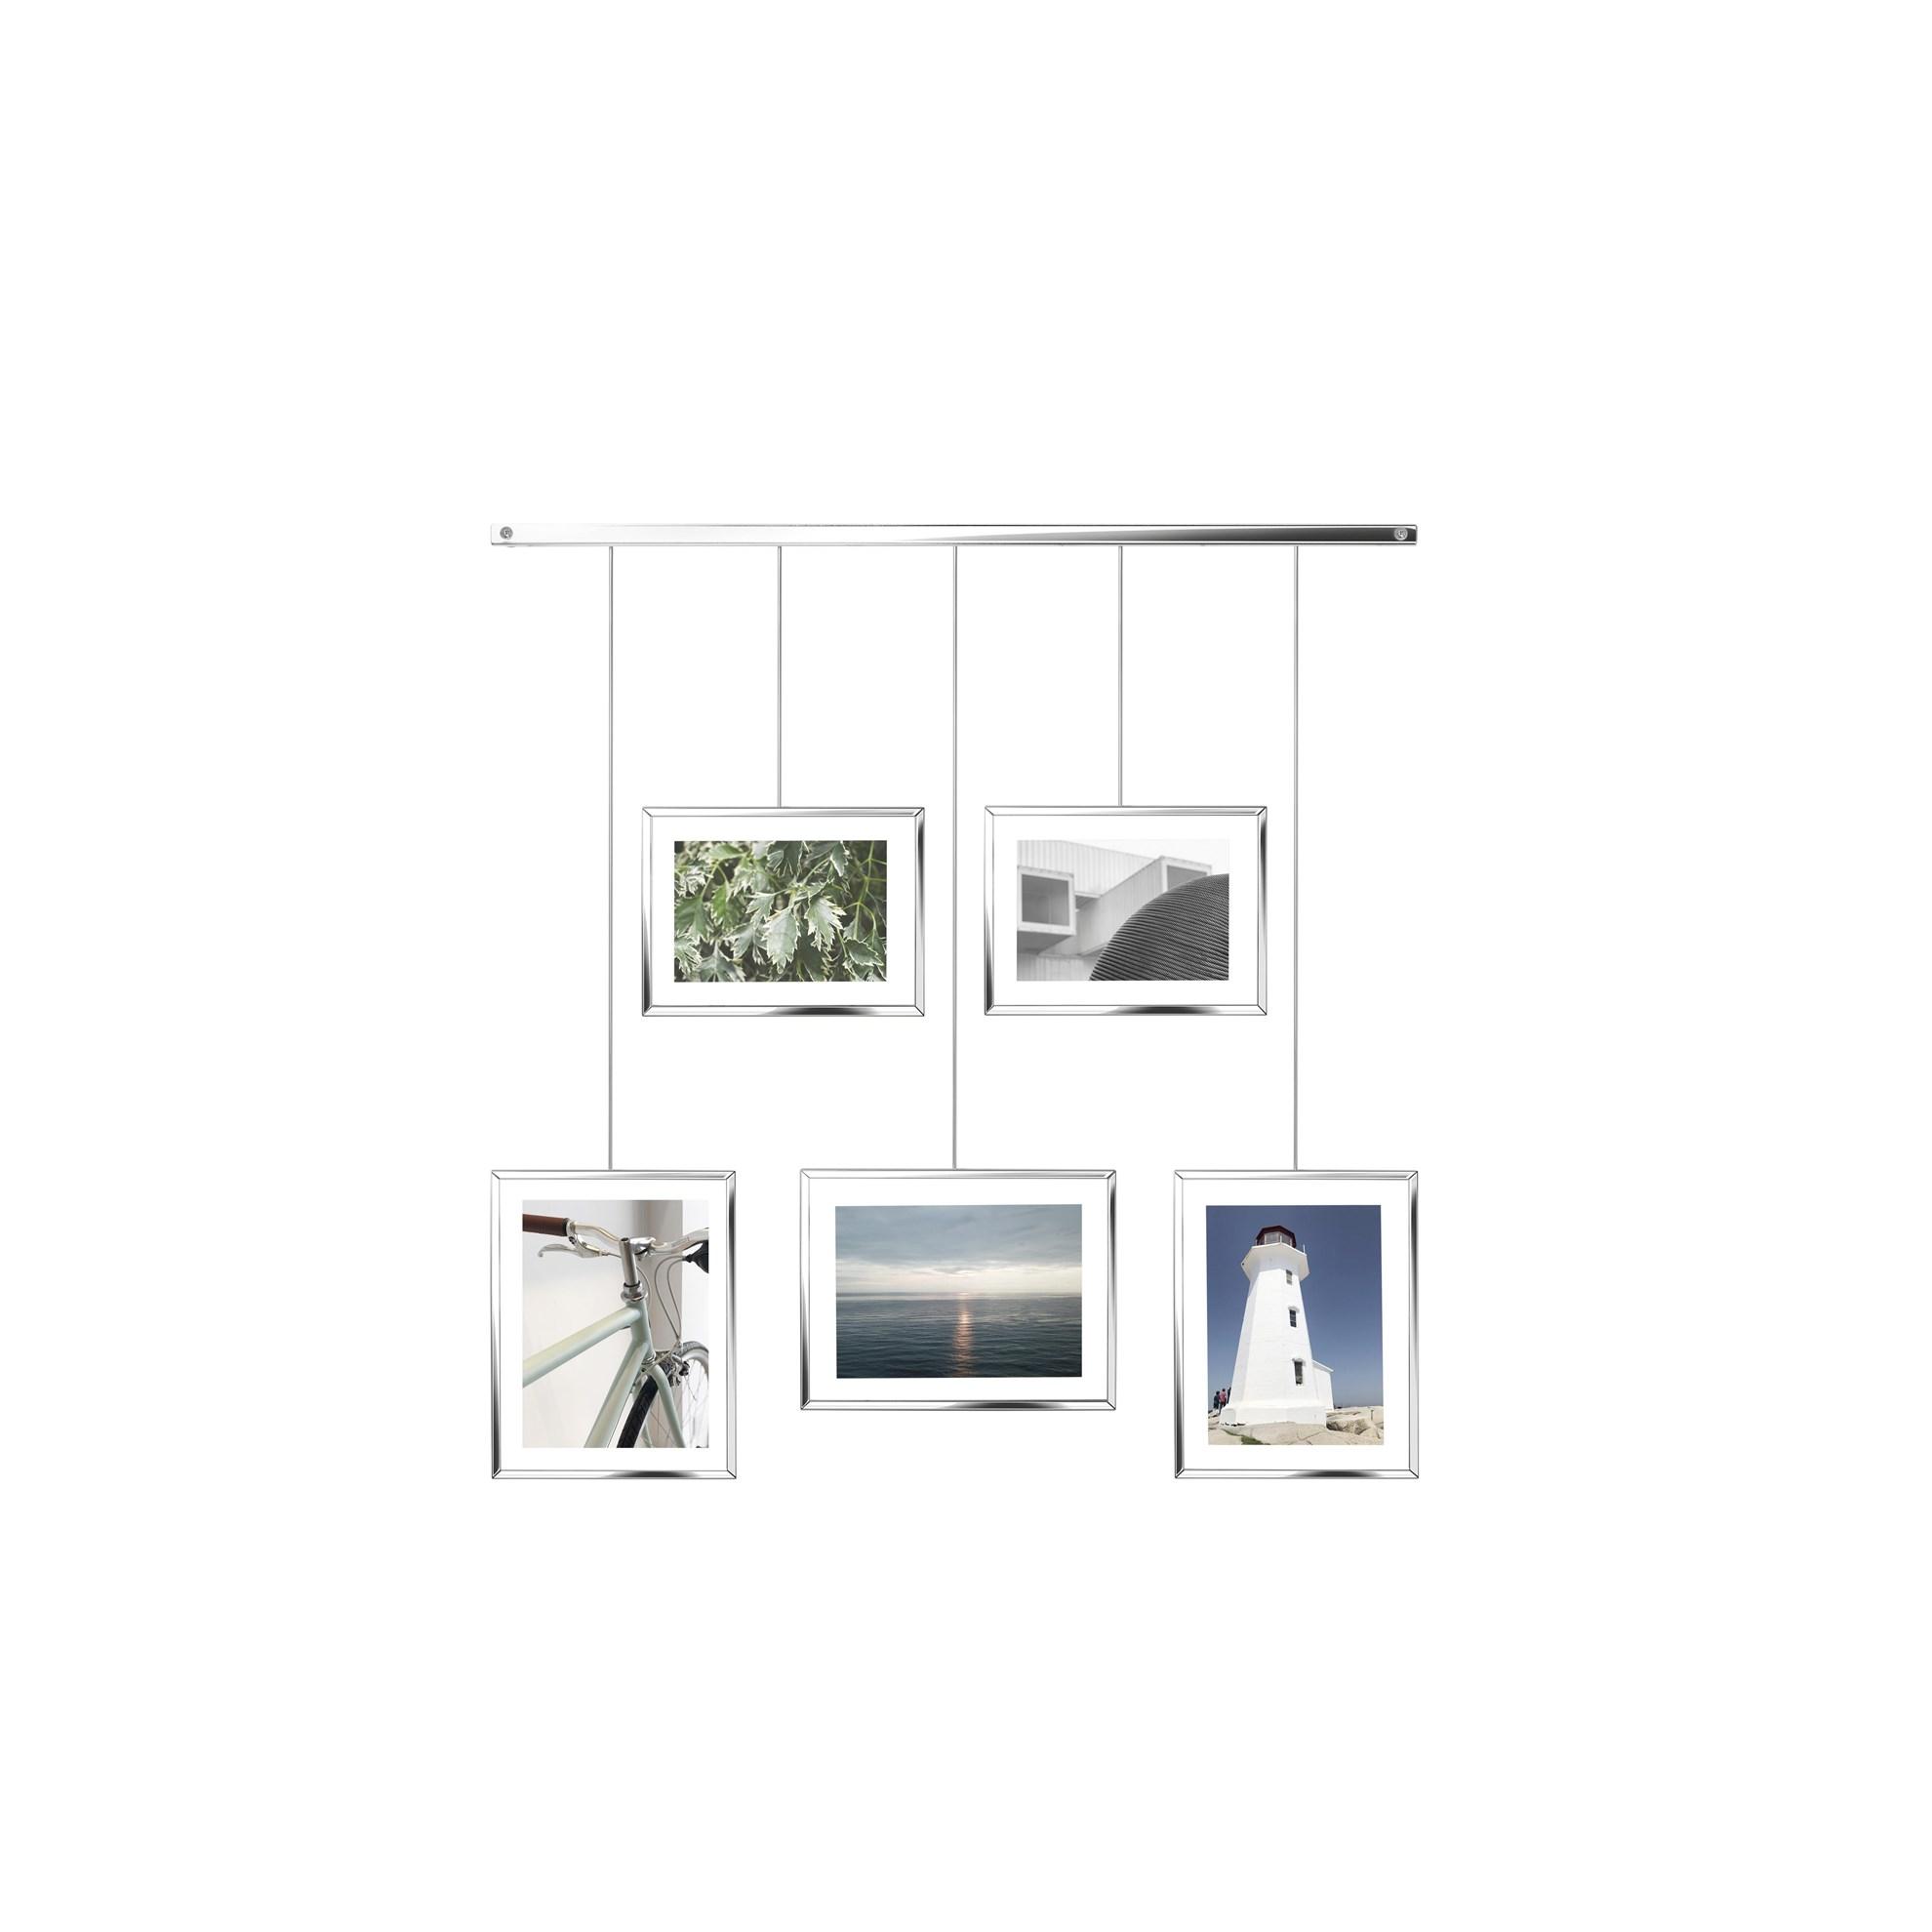 Fotorámečky EXHIBIT stříbrné_0